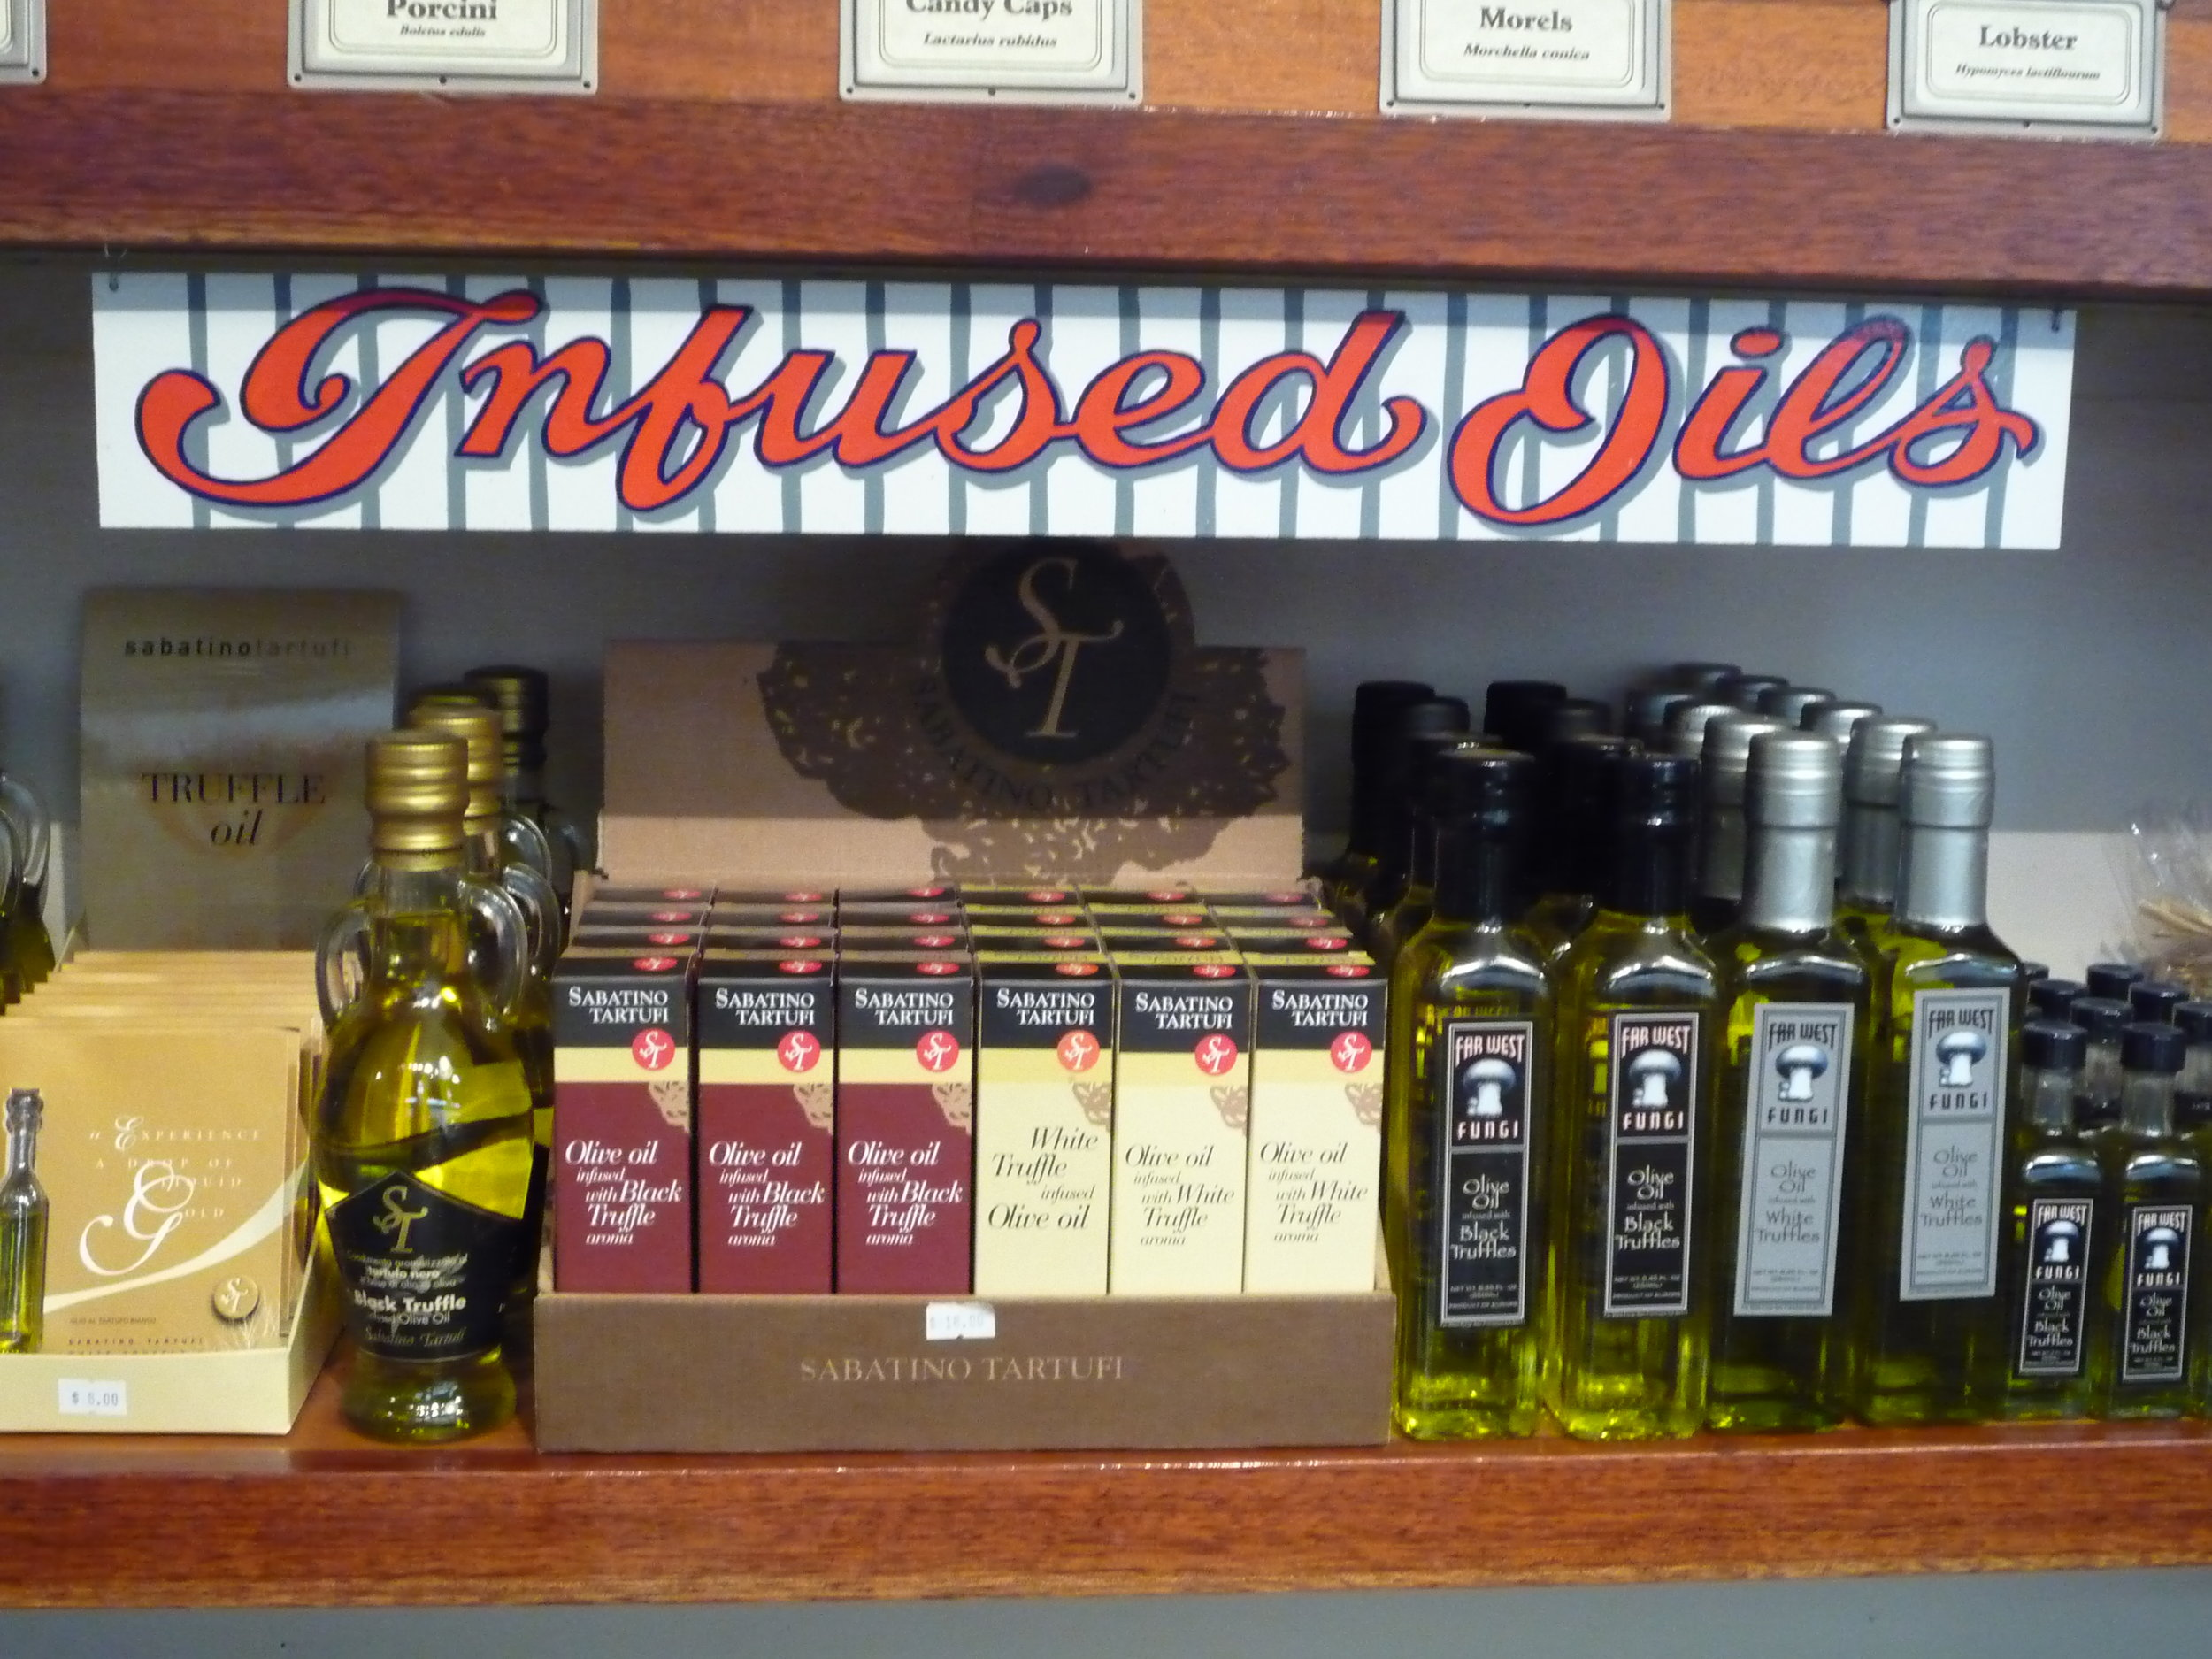 ORIG-far-west-fungi-infused-oils-shelf-sign_4322990523_o.jpg